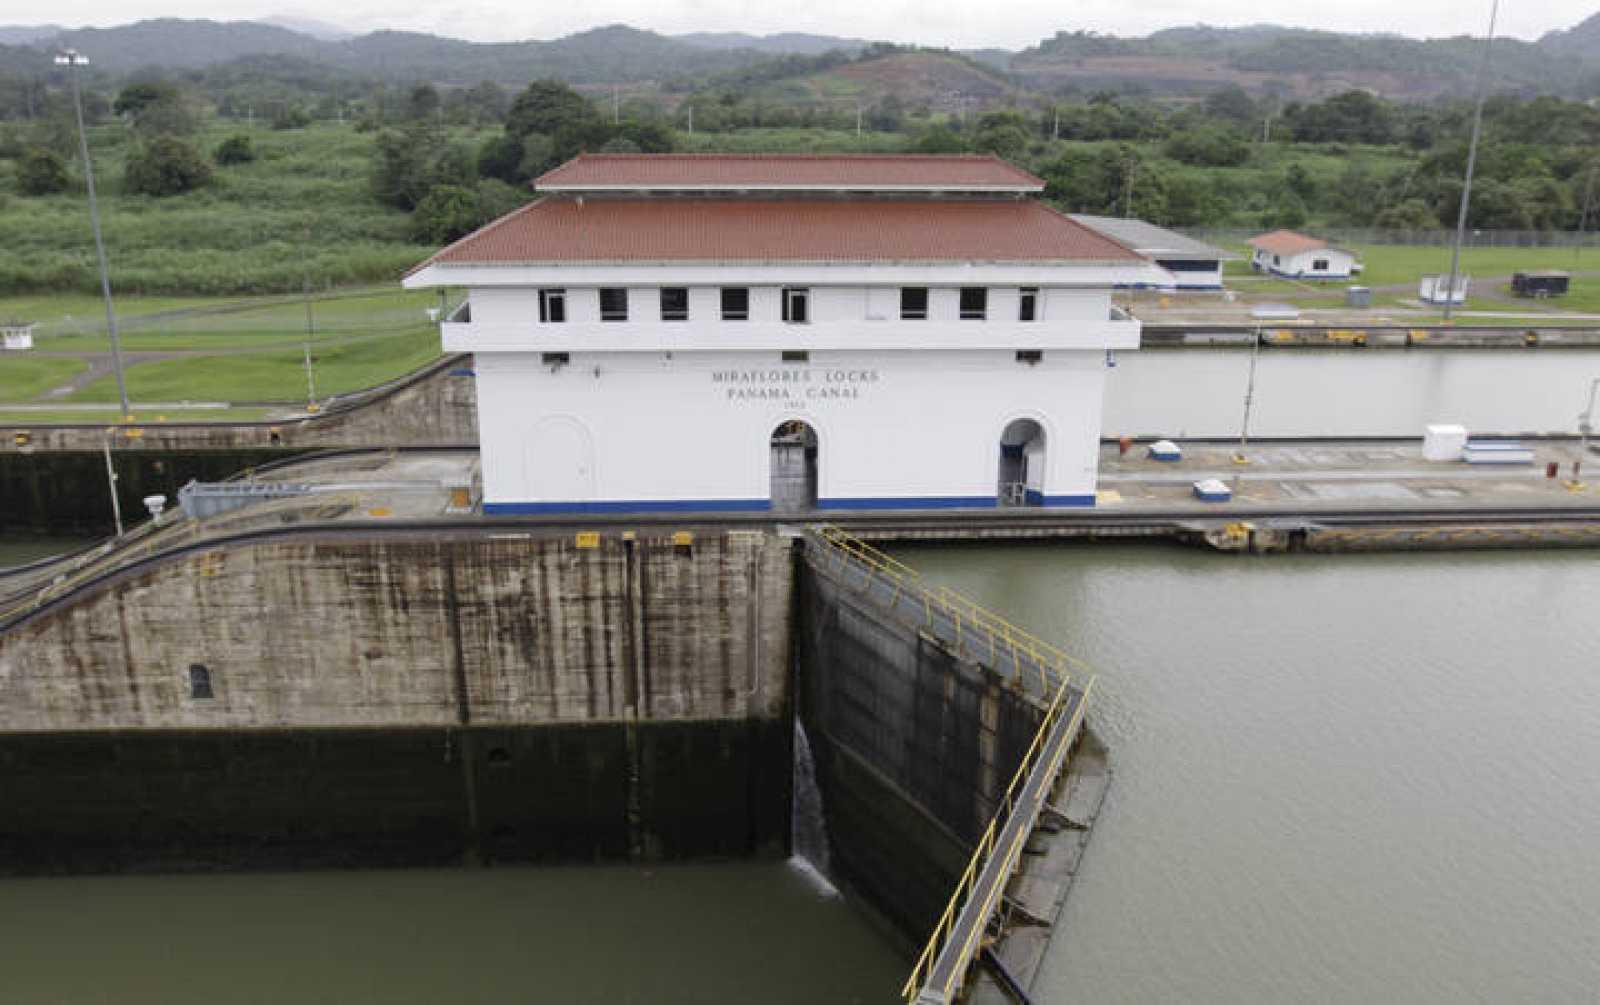 La esclusa de Miraflores en el Canal de Panamá